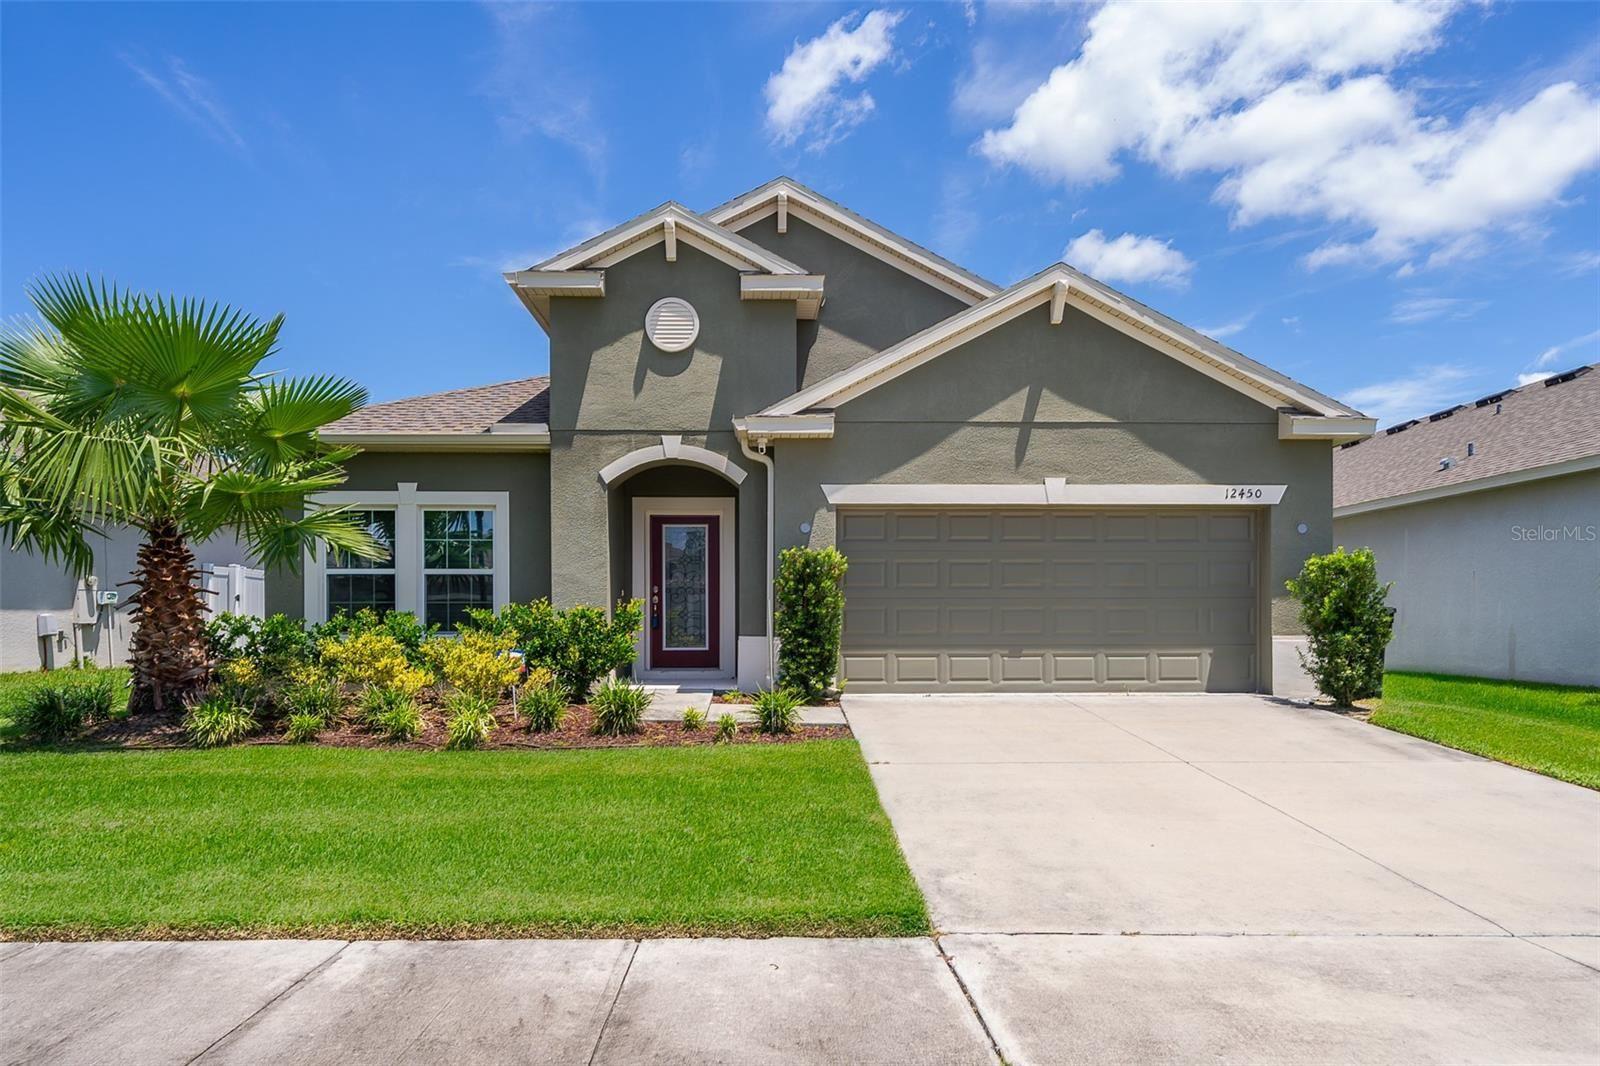 12450 STONE BARK TRAIL, Orlando, FL 32824 - #: O5955274